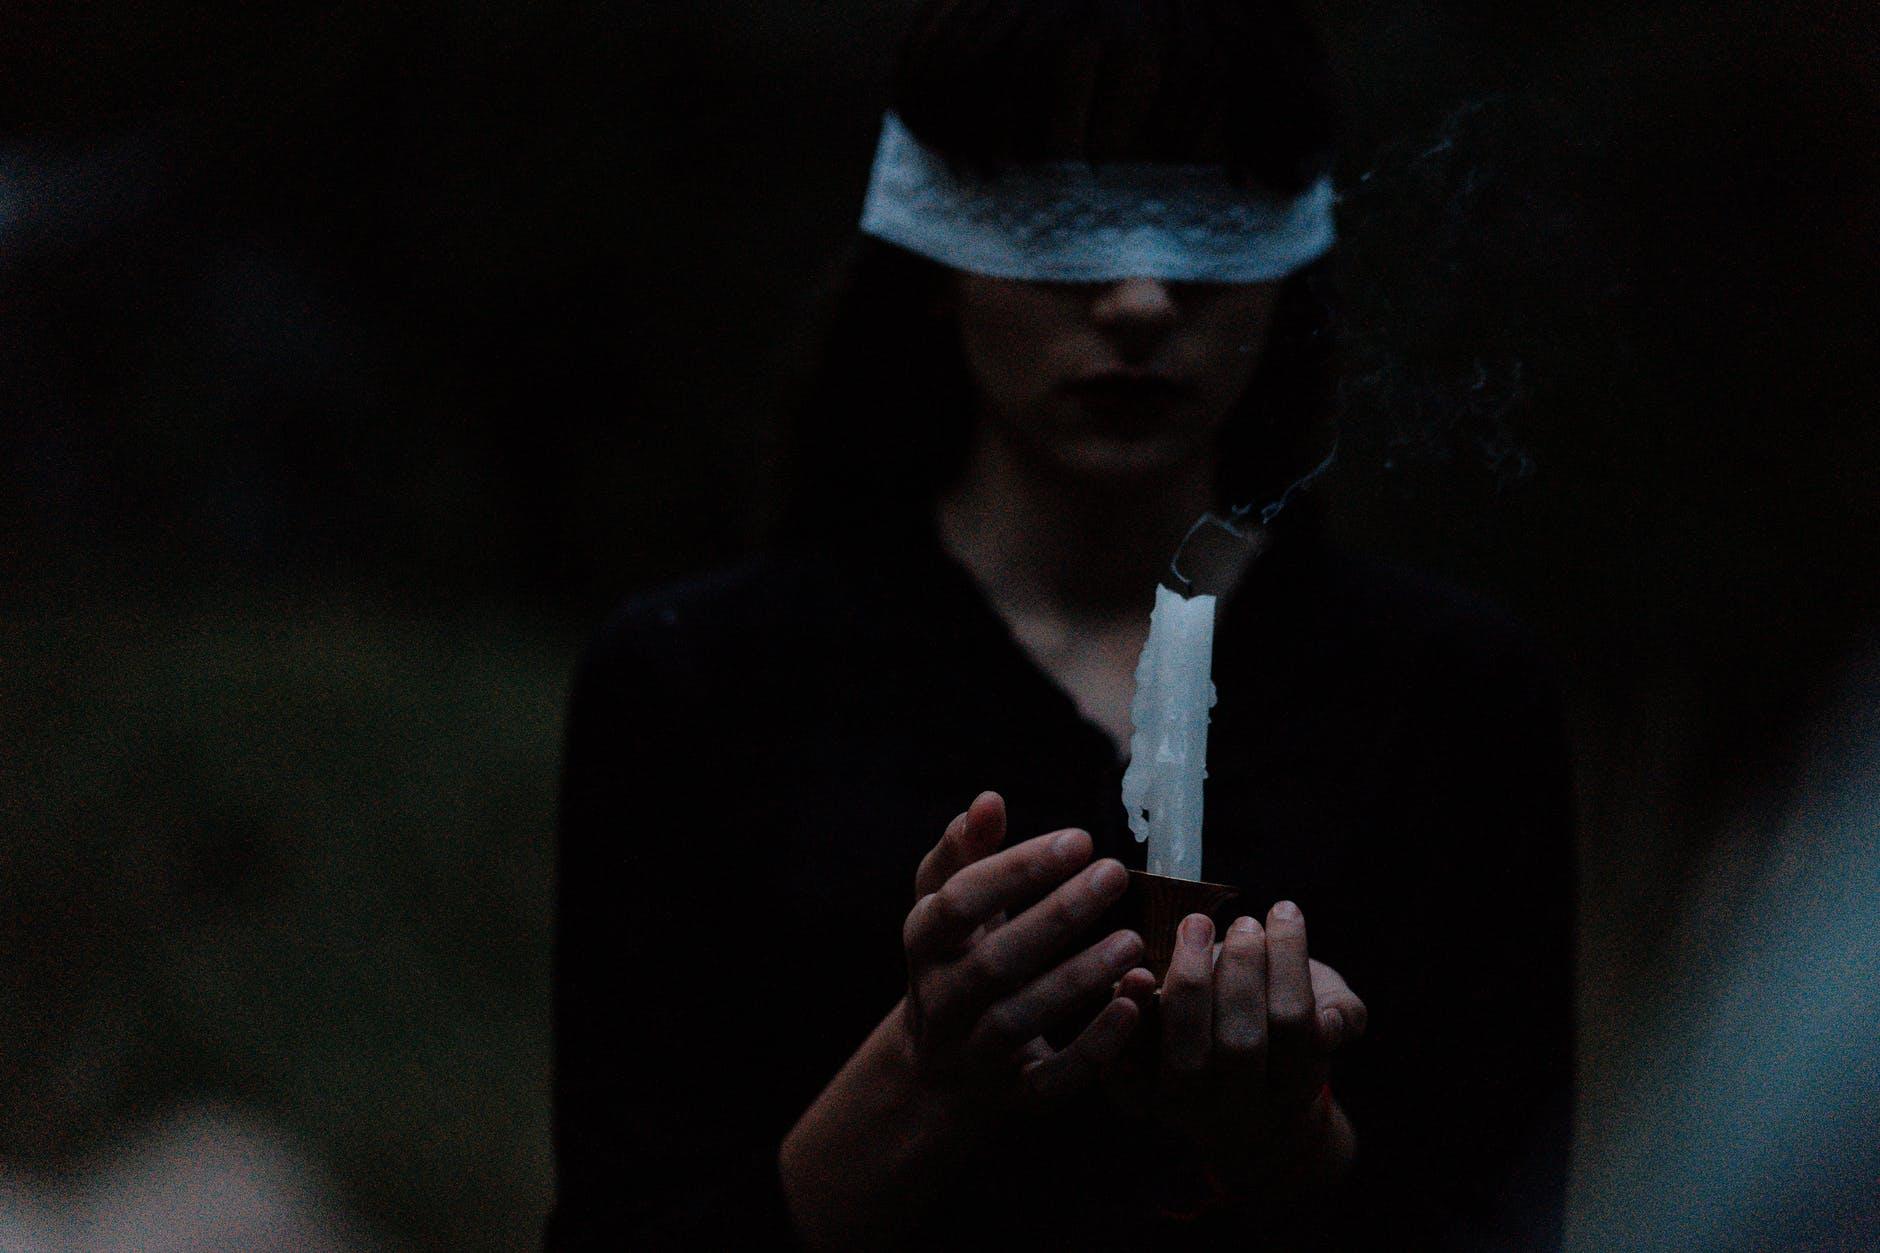 Tko je bila posljednja hrvatska vještica?